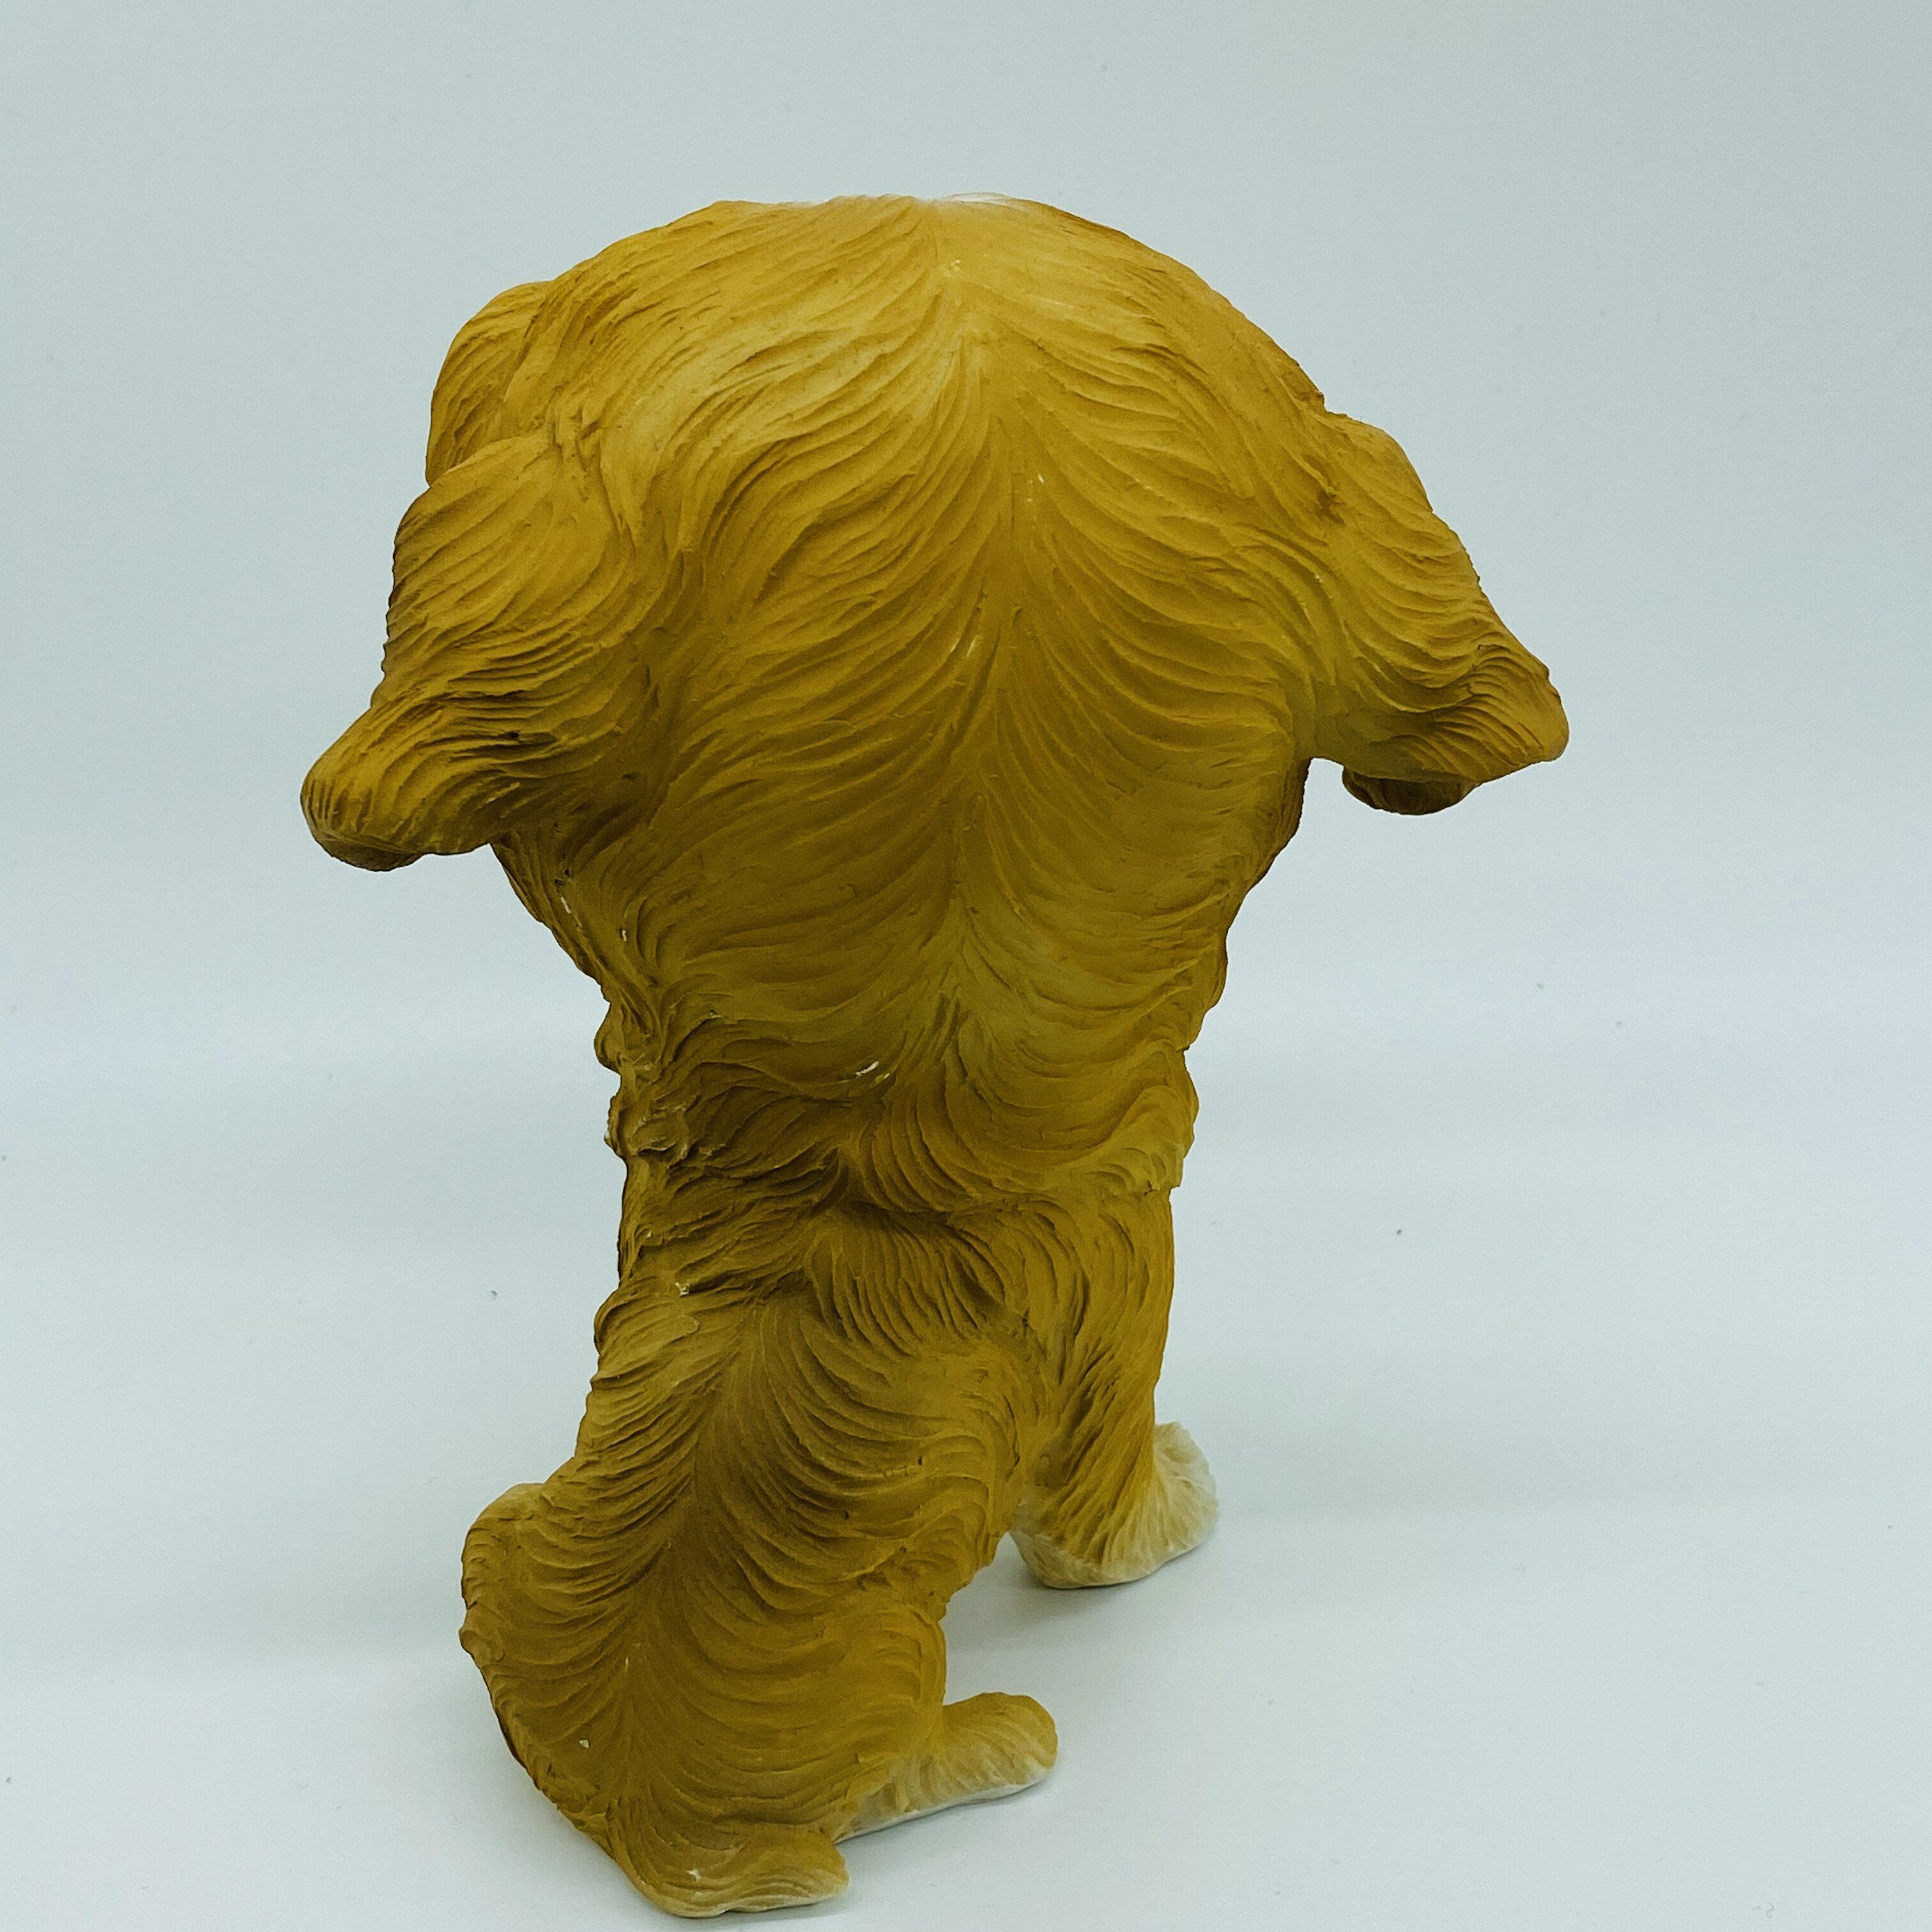 日本高山 可愛動物 大頭狗 毛毛 擺飾品  日本直送 日本設計 4